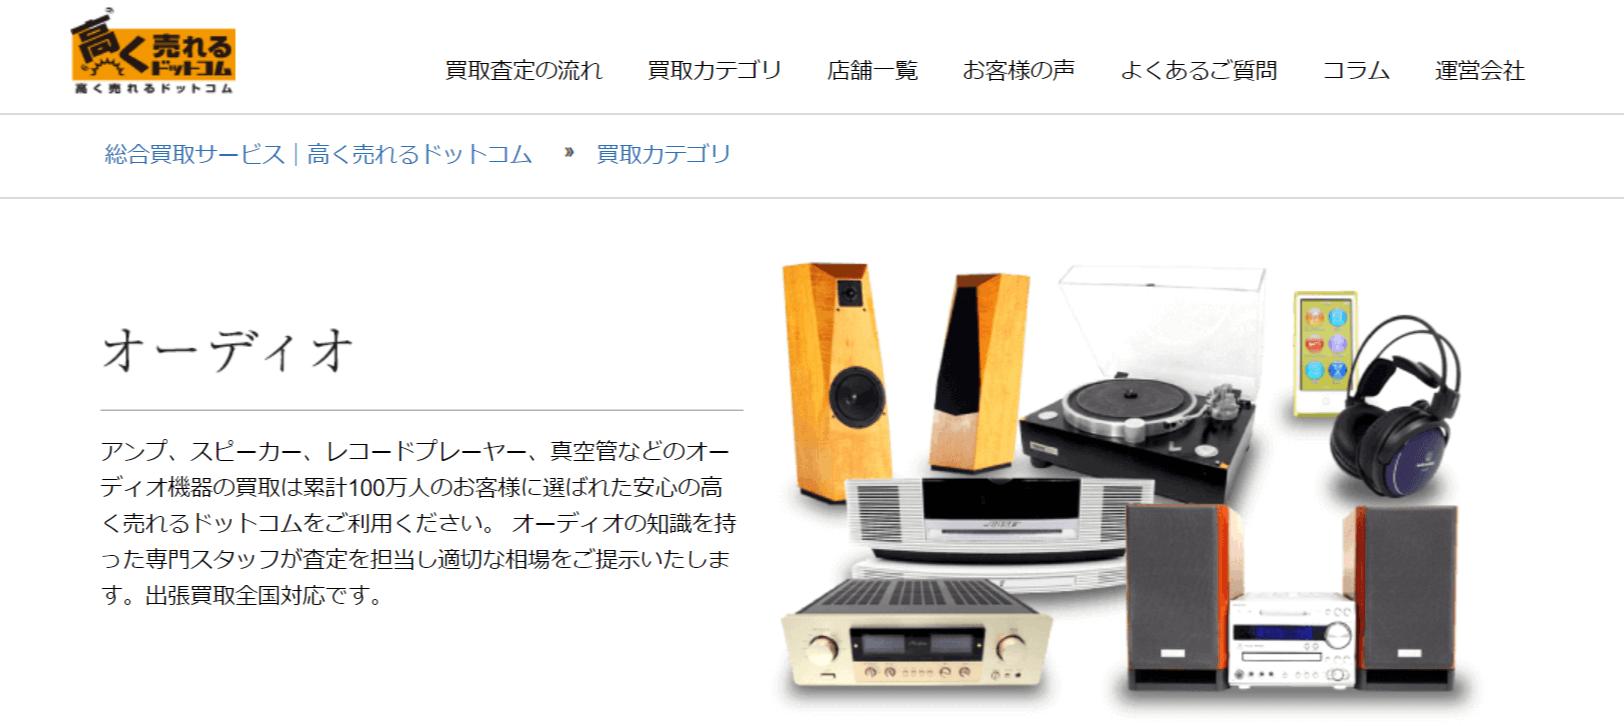 【オーディオ買取】全国出張対応・相場がすぐわかる-高く売れるドットコム